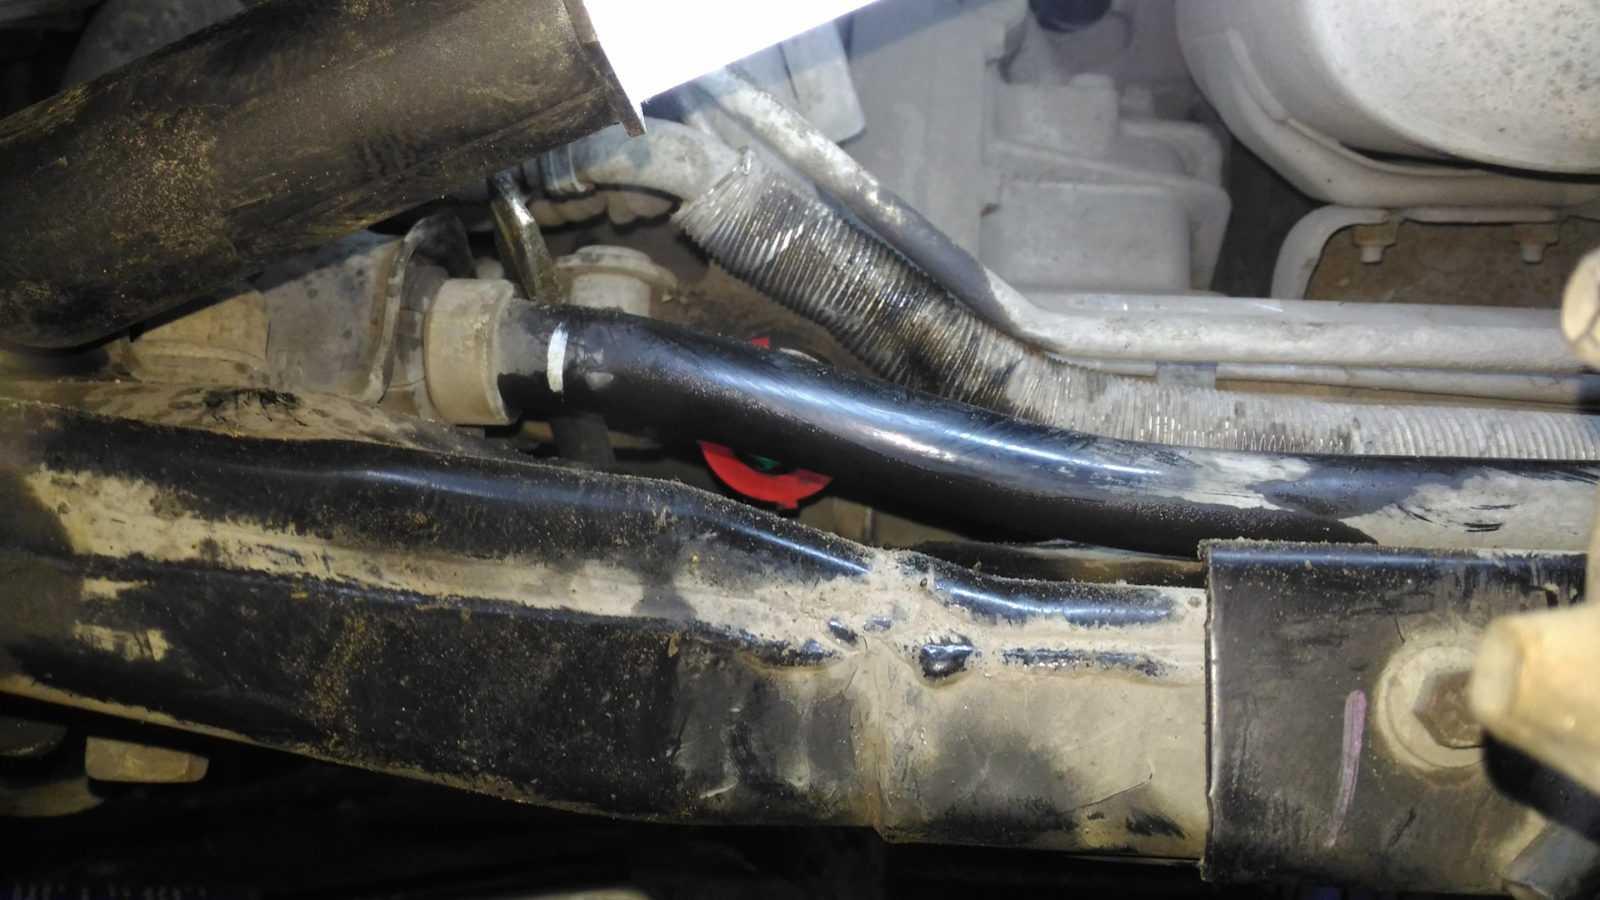 Замена рулевых наконечников на форд фокус 2 своими руками